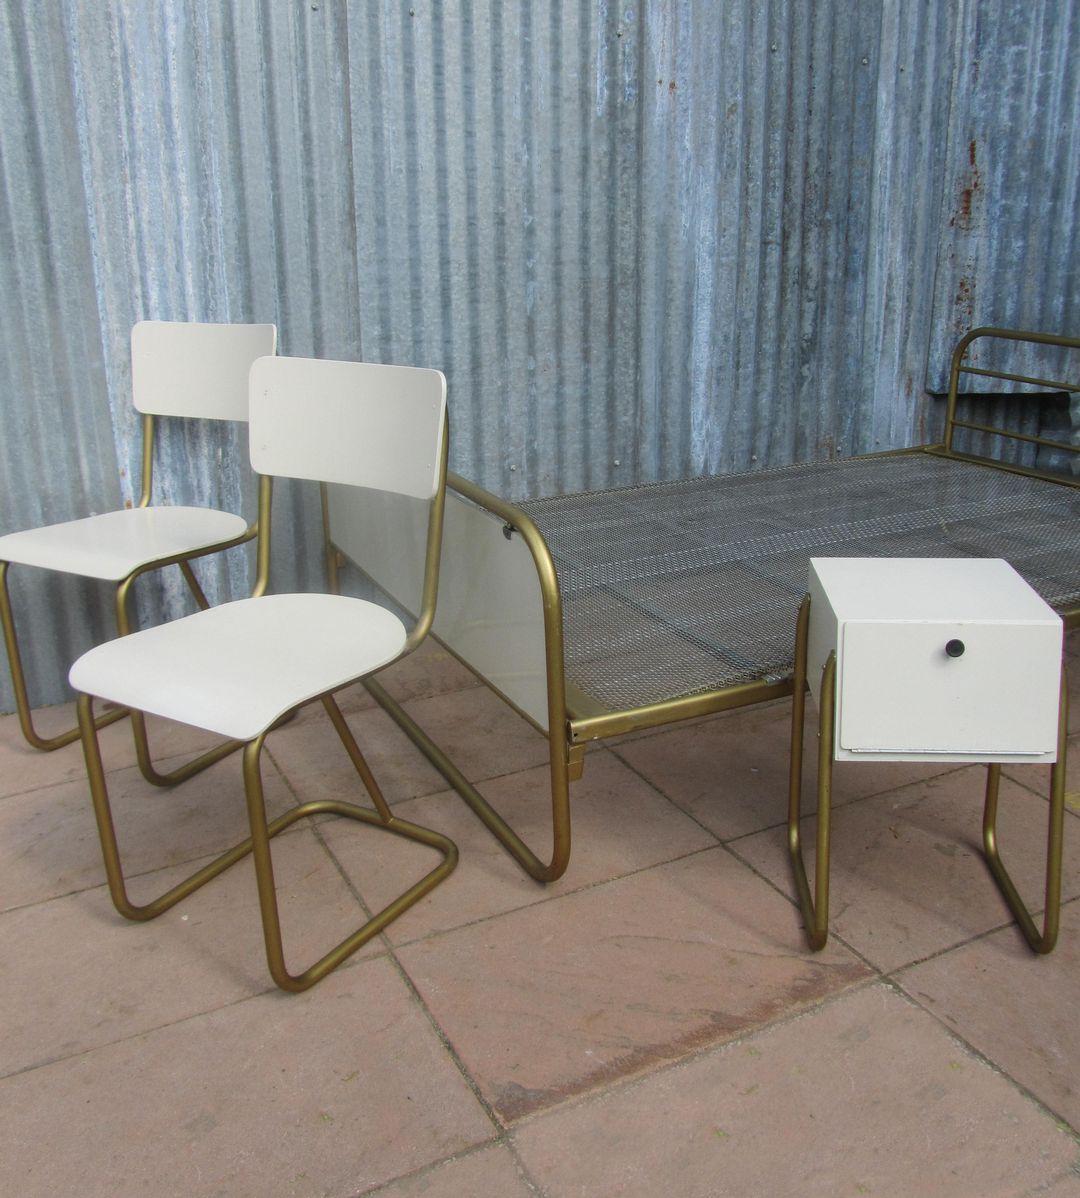 https://www.antiek-design-vintage.nl/images/stories/virtuemart/product/Gispen%20107%20slaapkamer%20set,bedroom%20set,%20stoelen%20107%20gispen-5.jpg